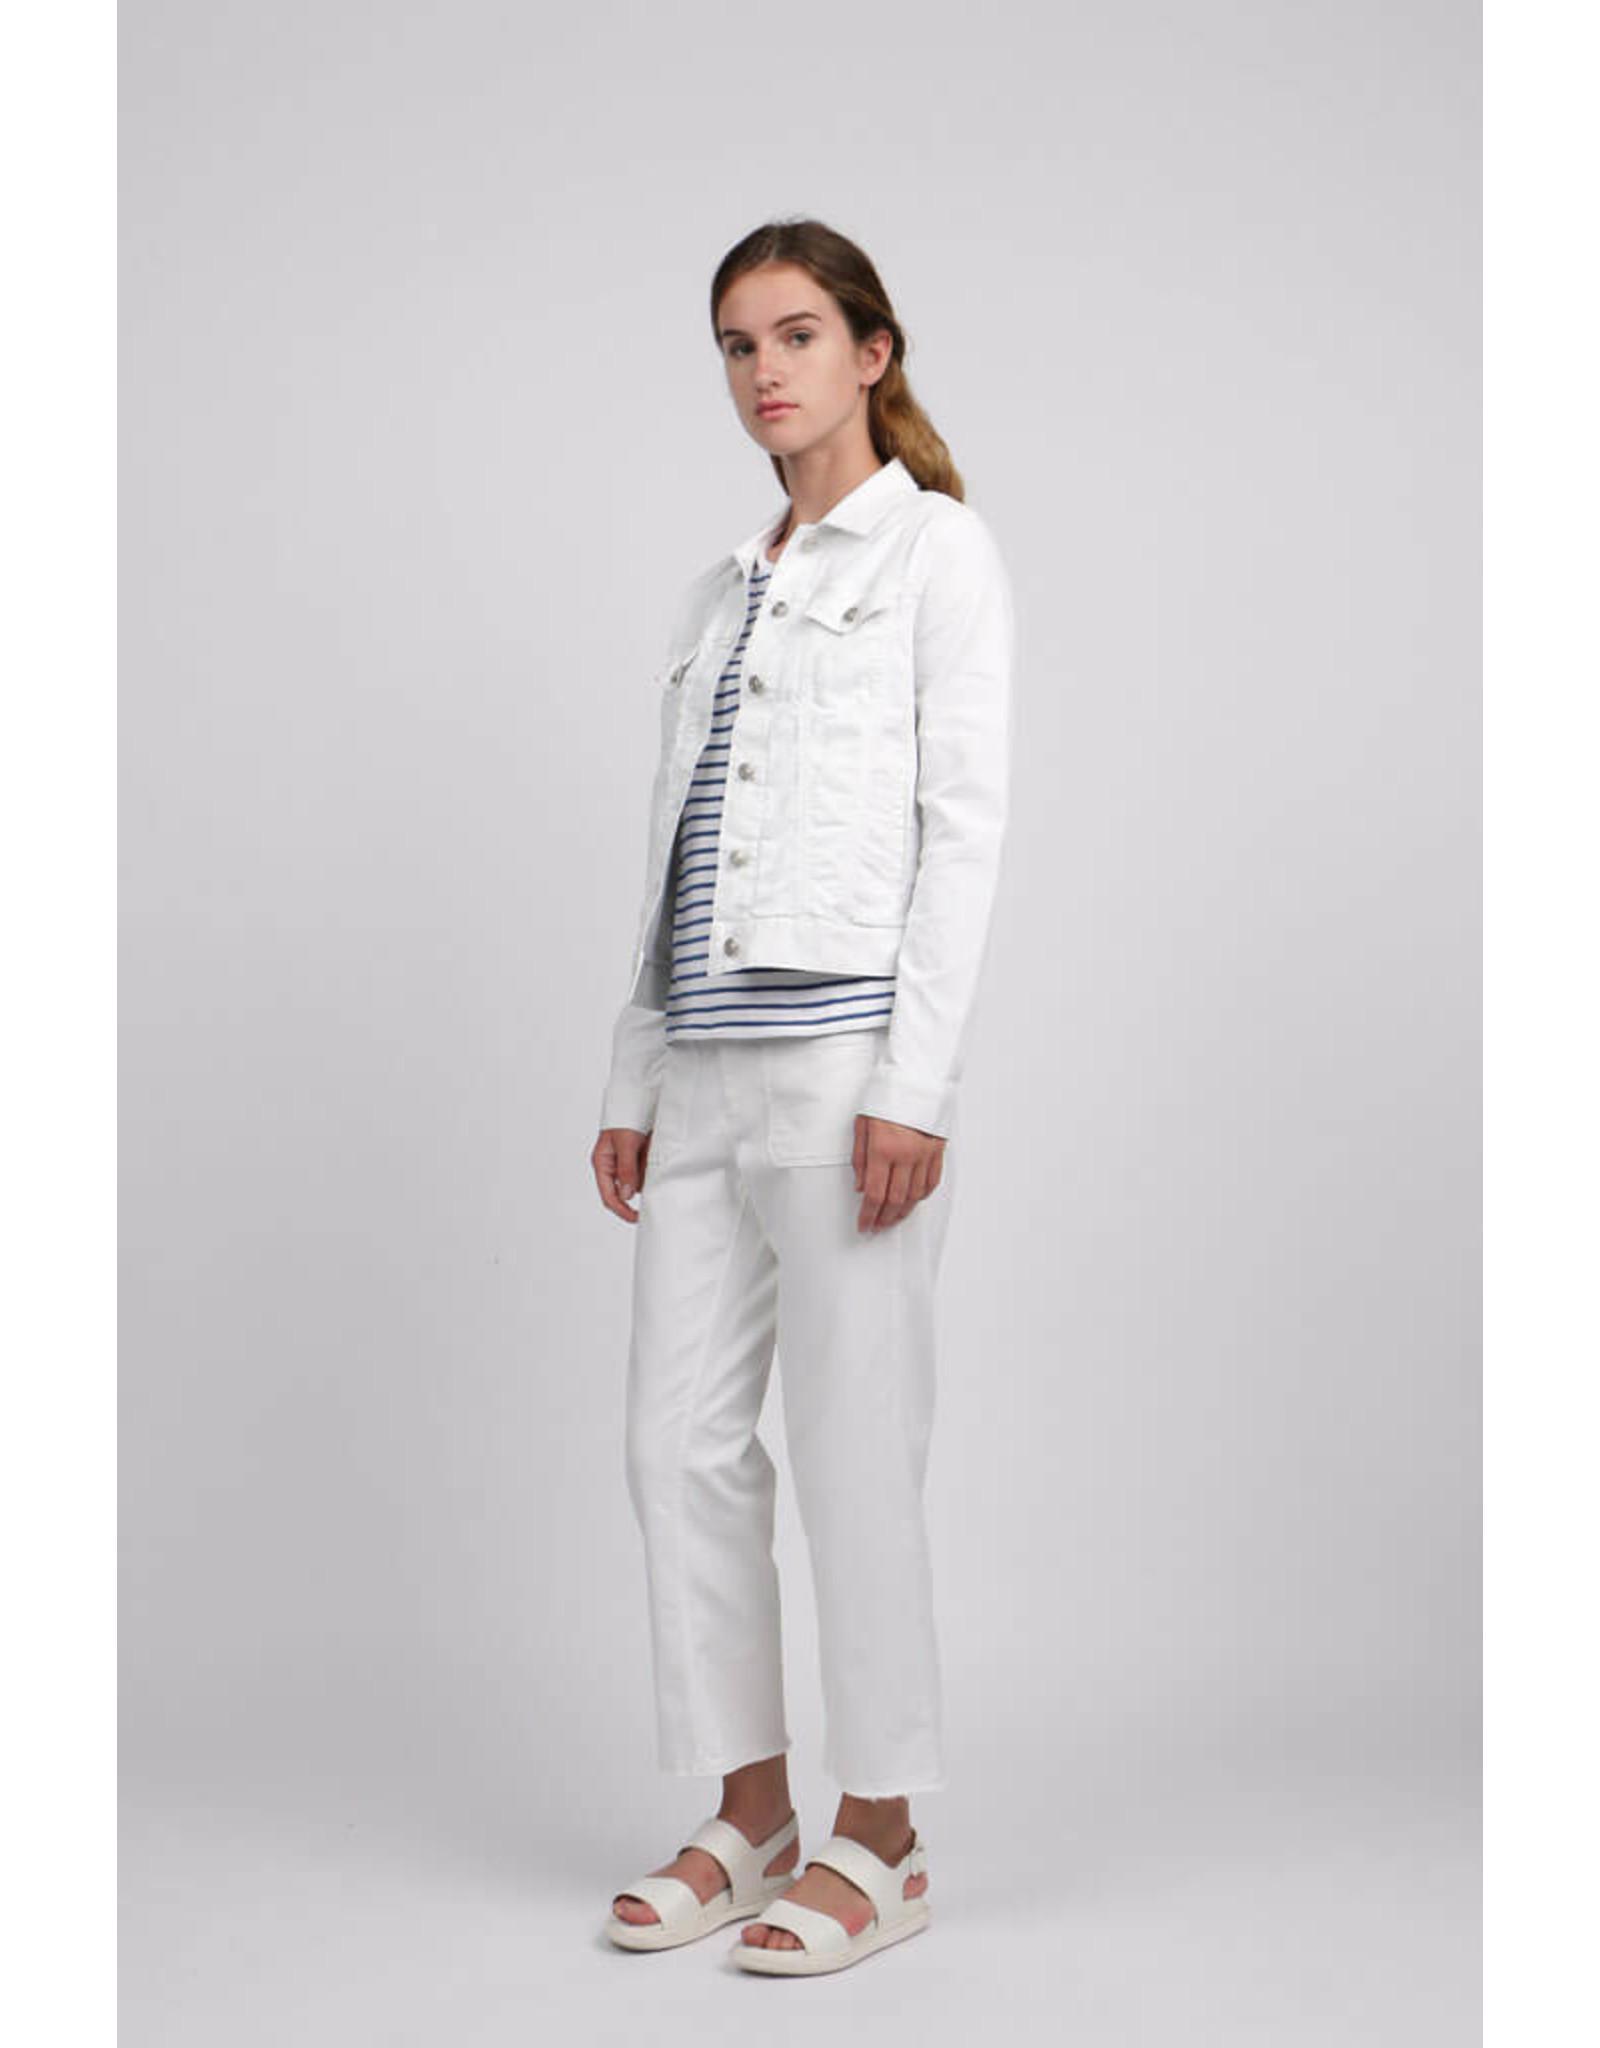 G1 sailor crop pant